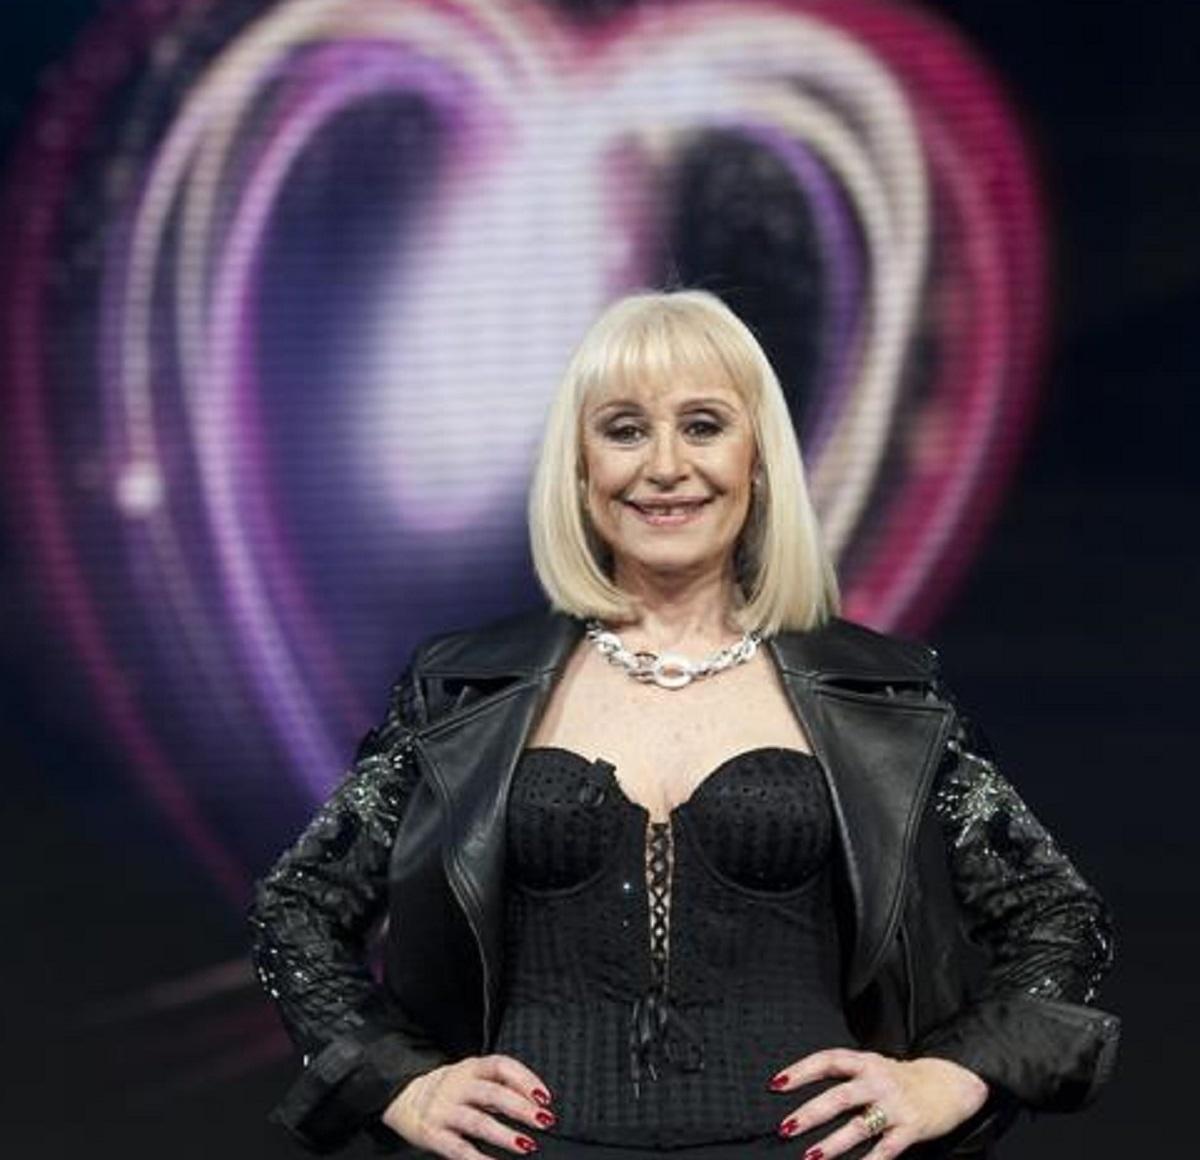 Raffaella Carrà ultima donazione foto segreto